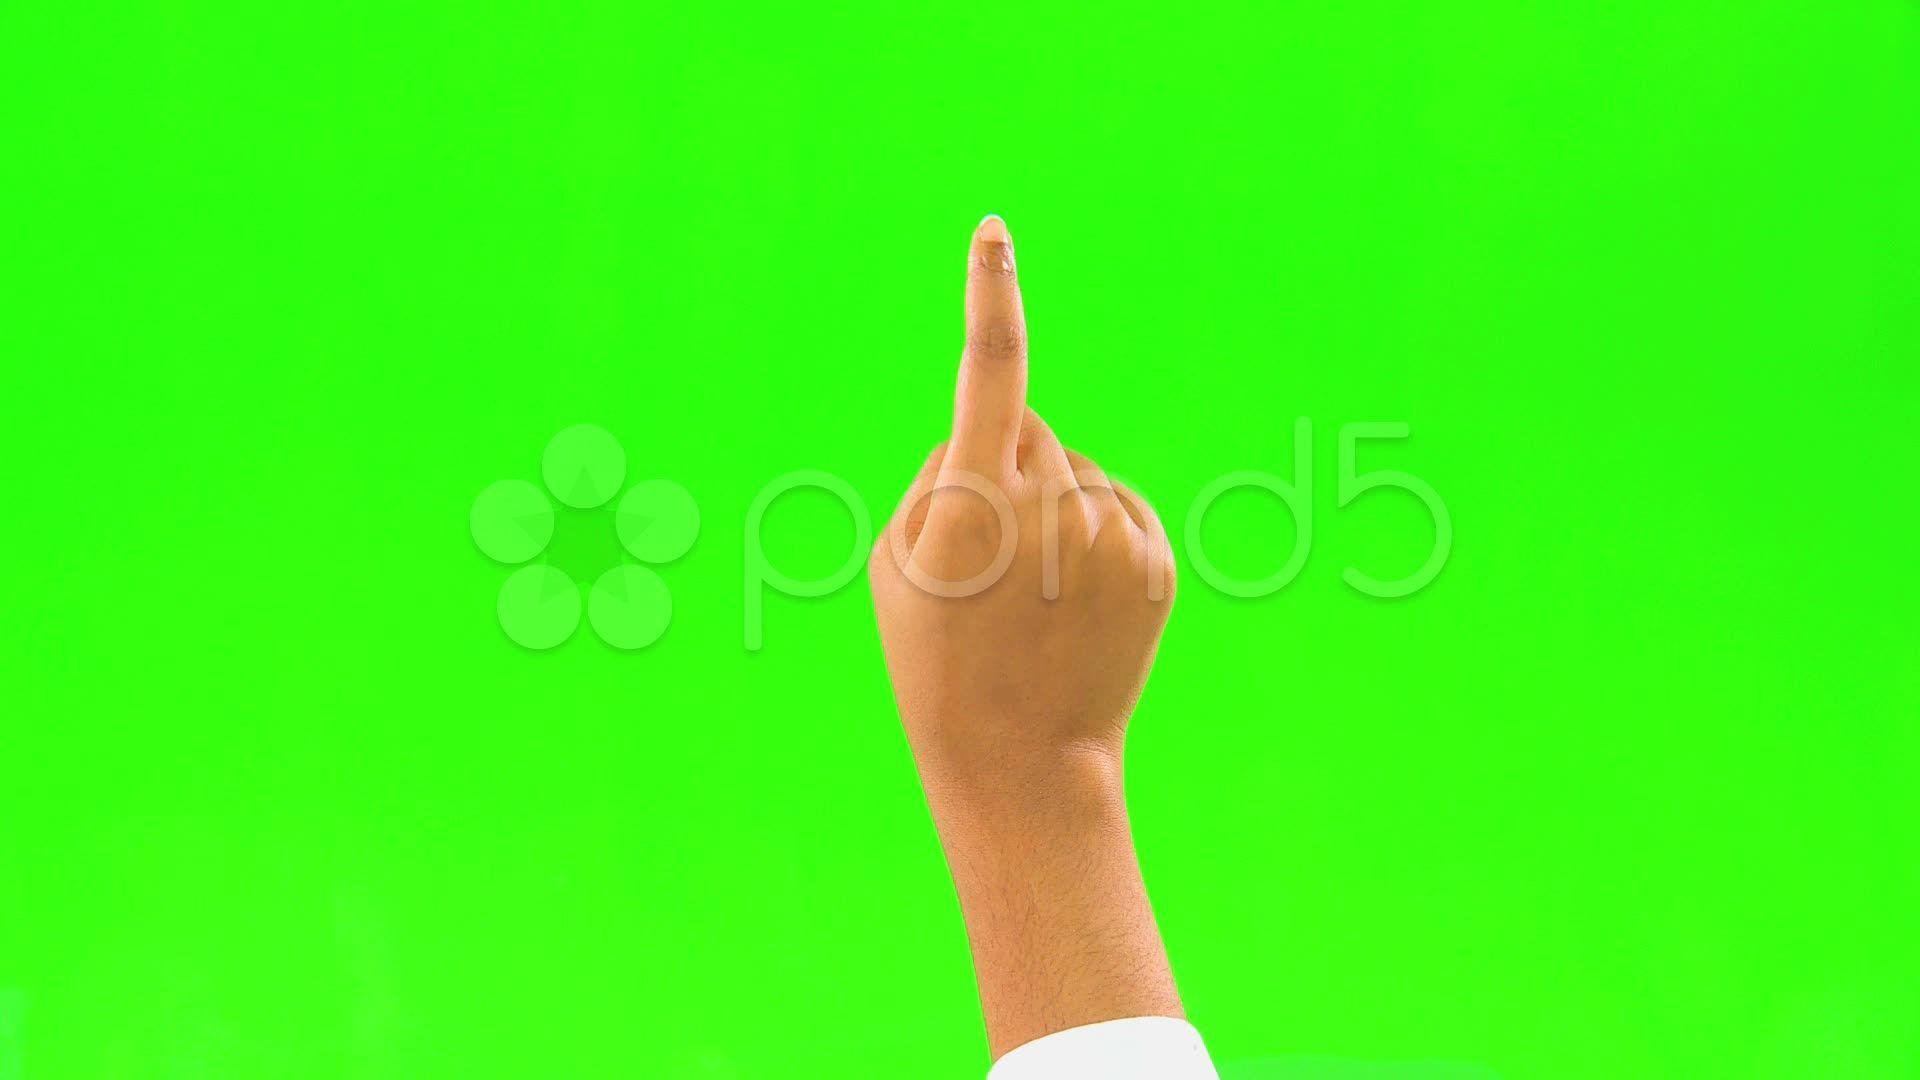 Human Hand Accessing Online Green Screen Technology Stock Footage #AD ,#Accessing#Online#Hand#Human